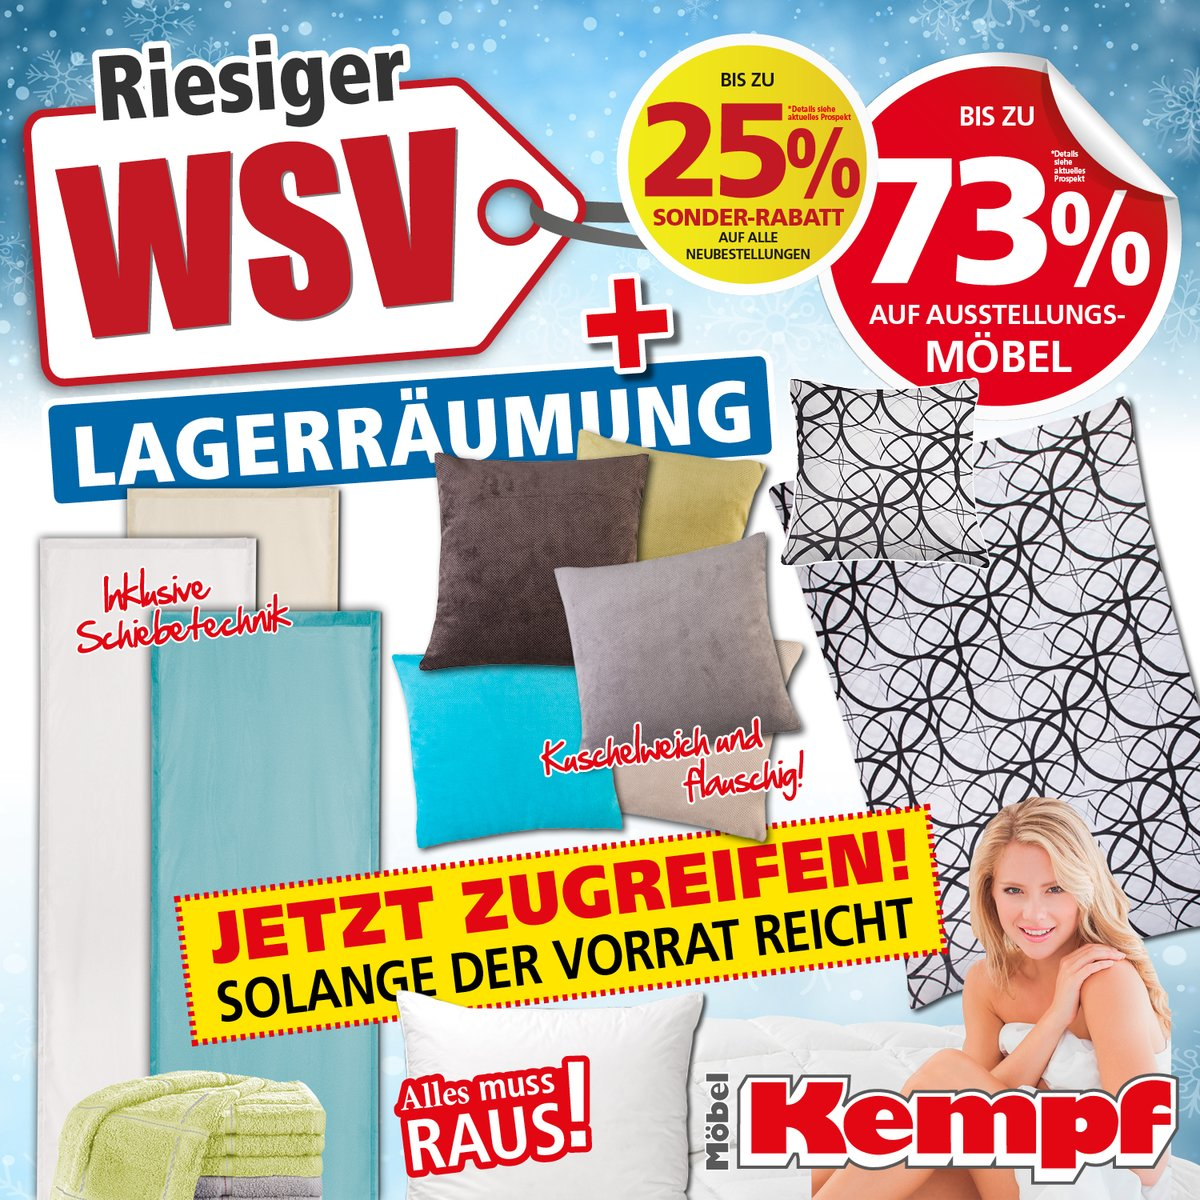 Riesiger Wsv Und Lagerraumung Bei Mobel Kempf In Aschaffenburg Und